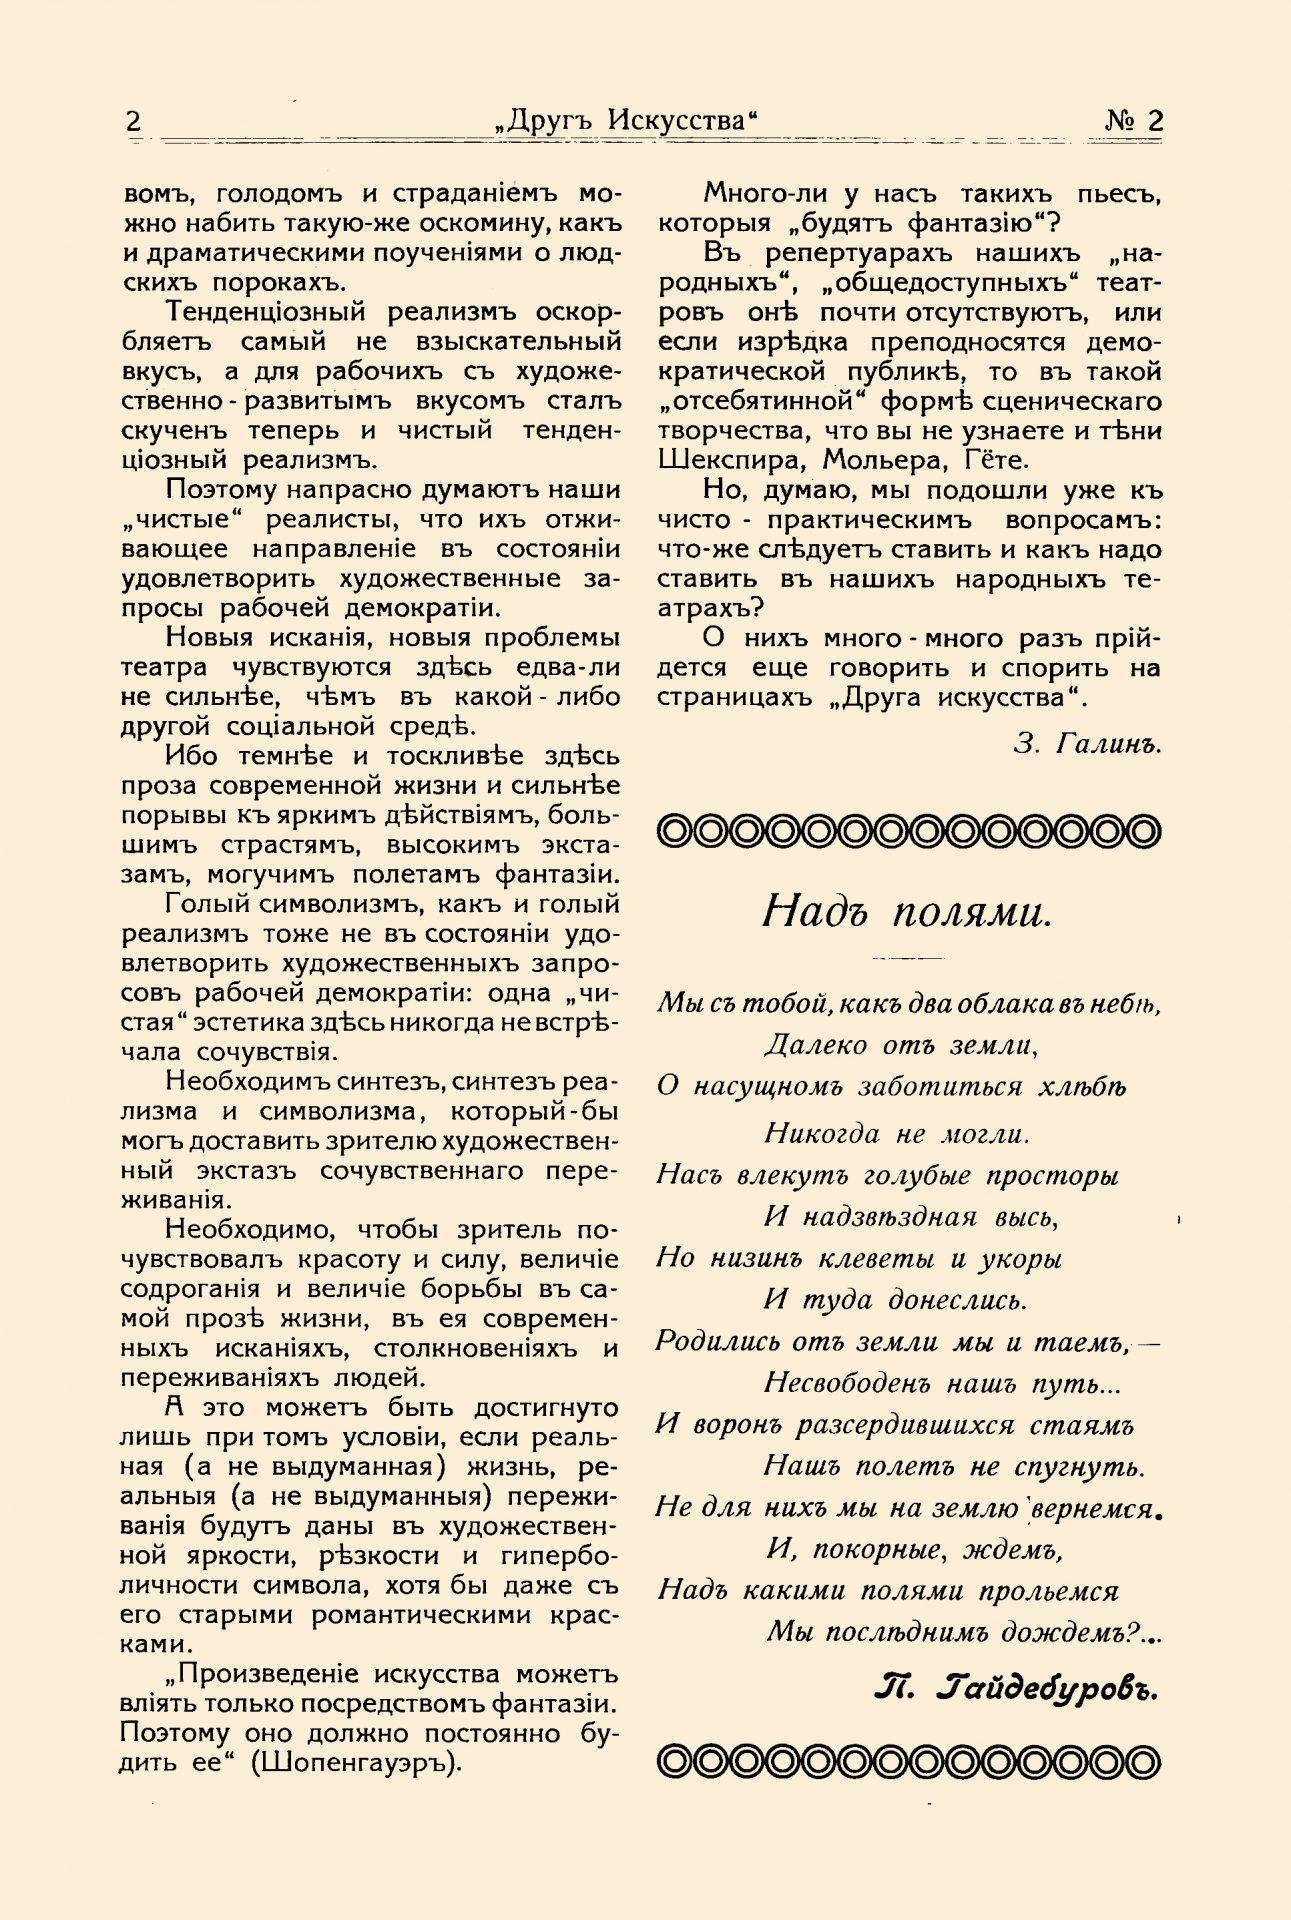 Друг искусства 1913 № 2